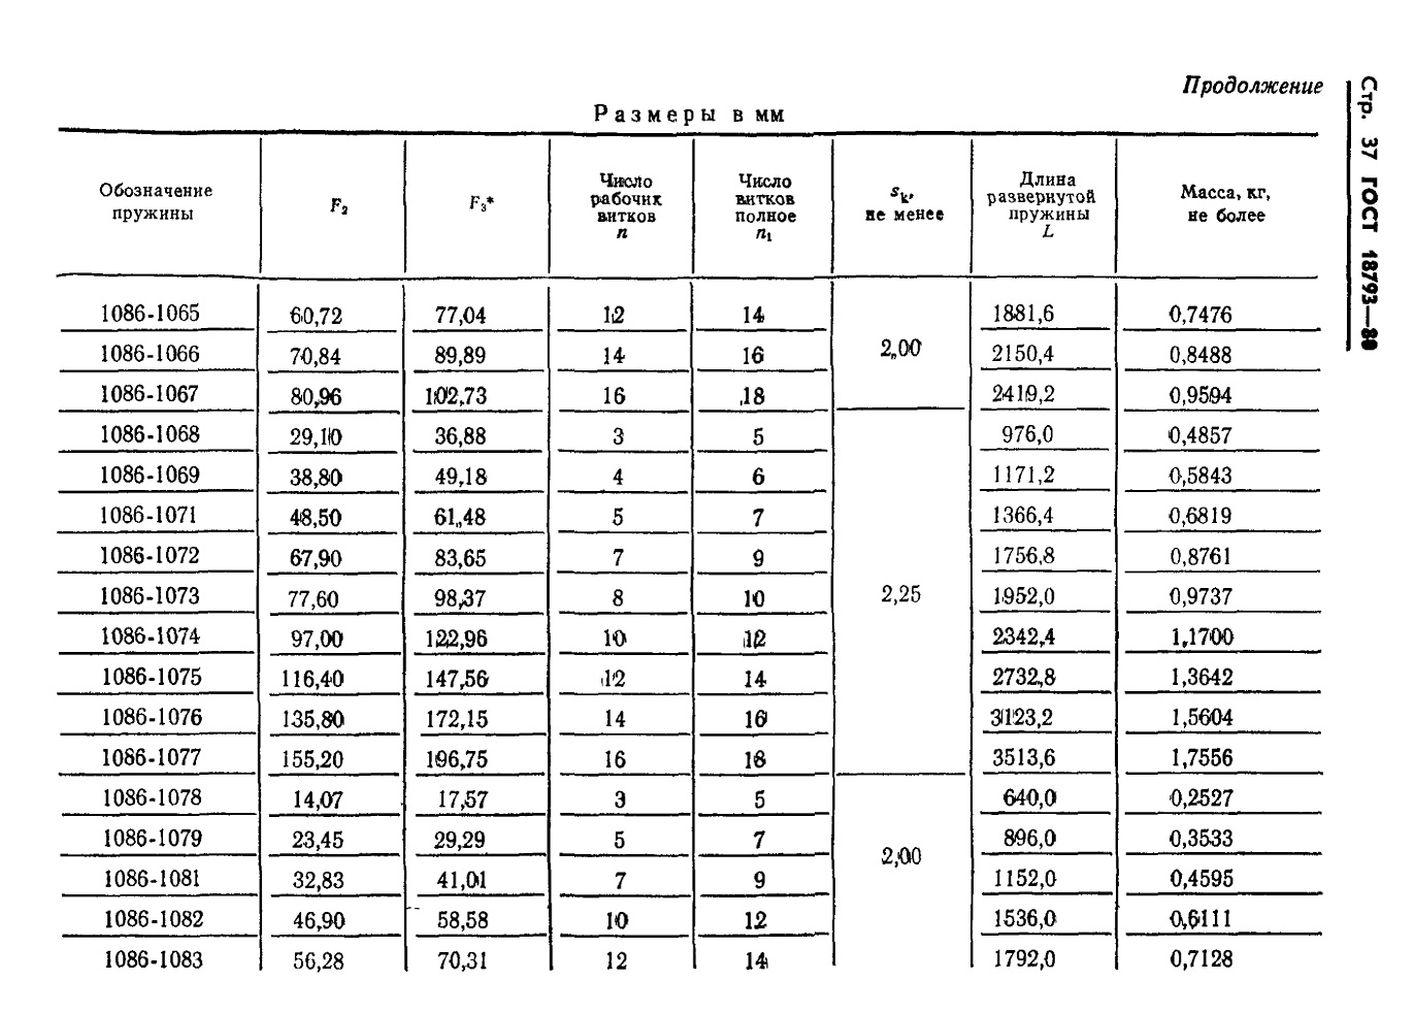 Пружины сжатия ГОСТ 18793-80 стр.37